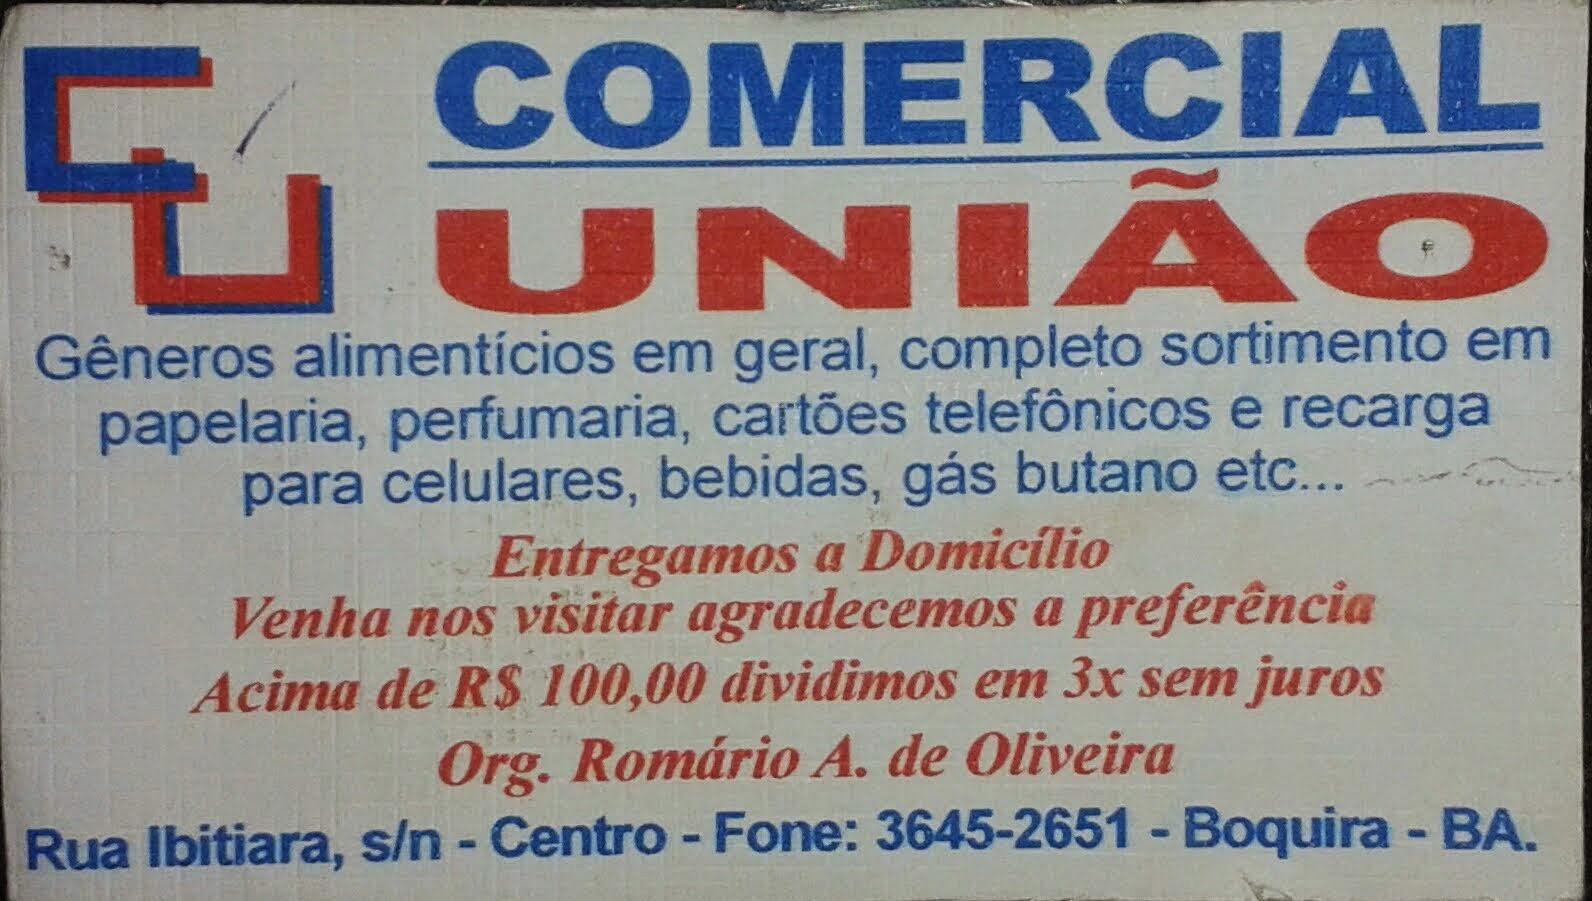 Comercial União